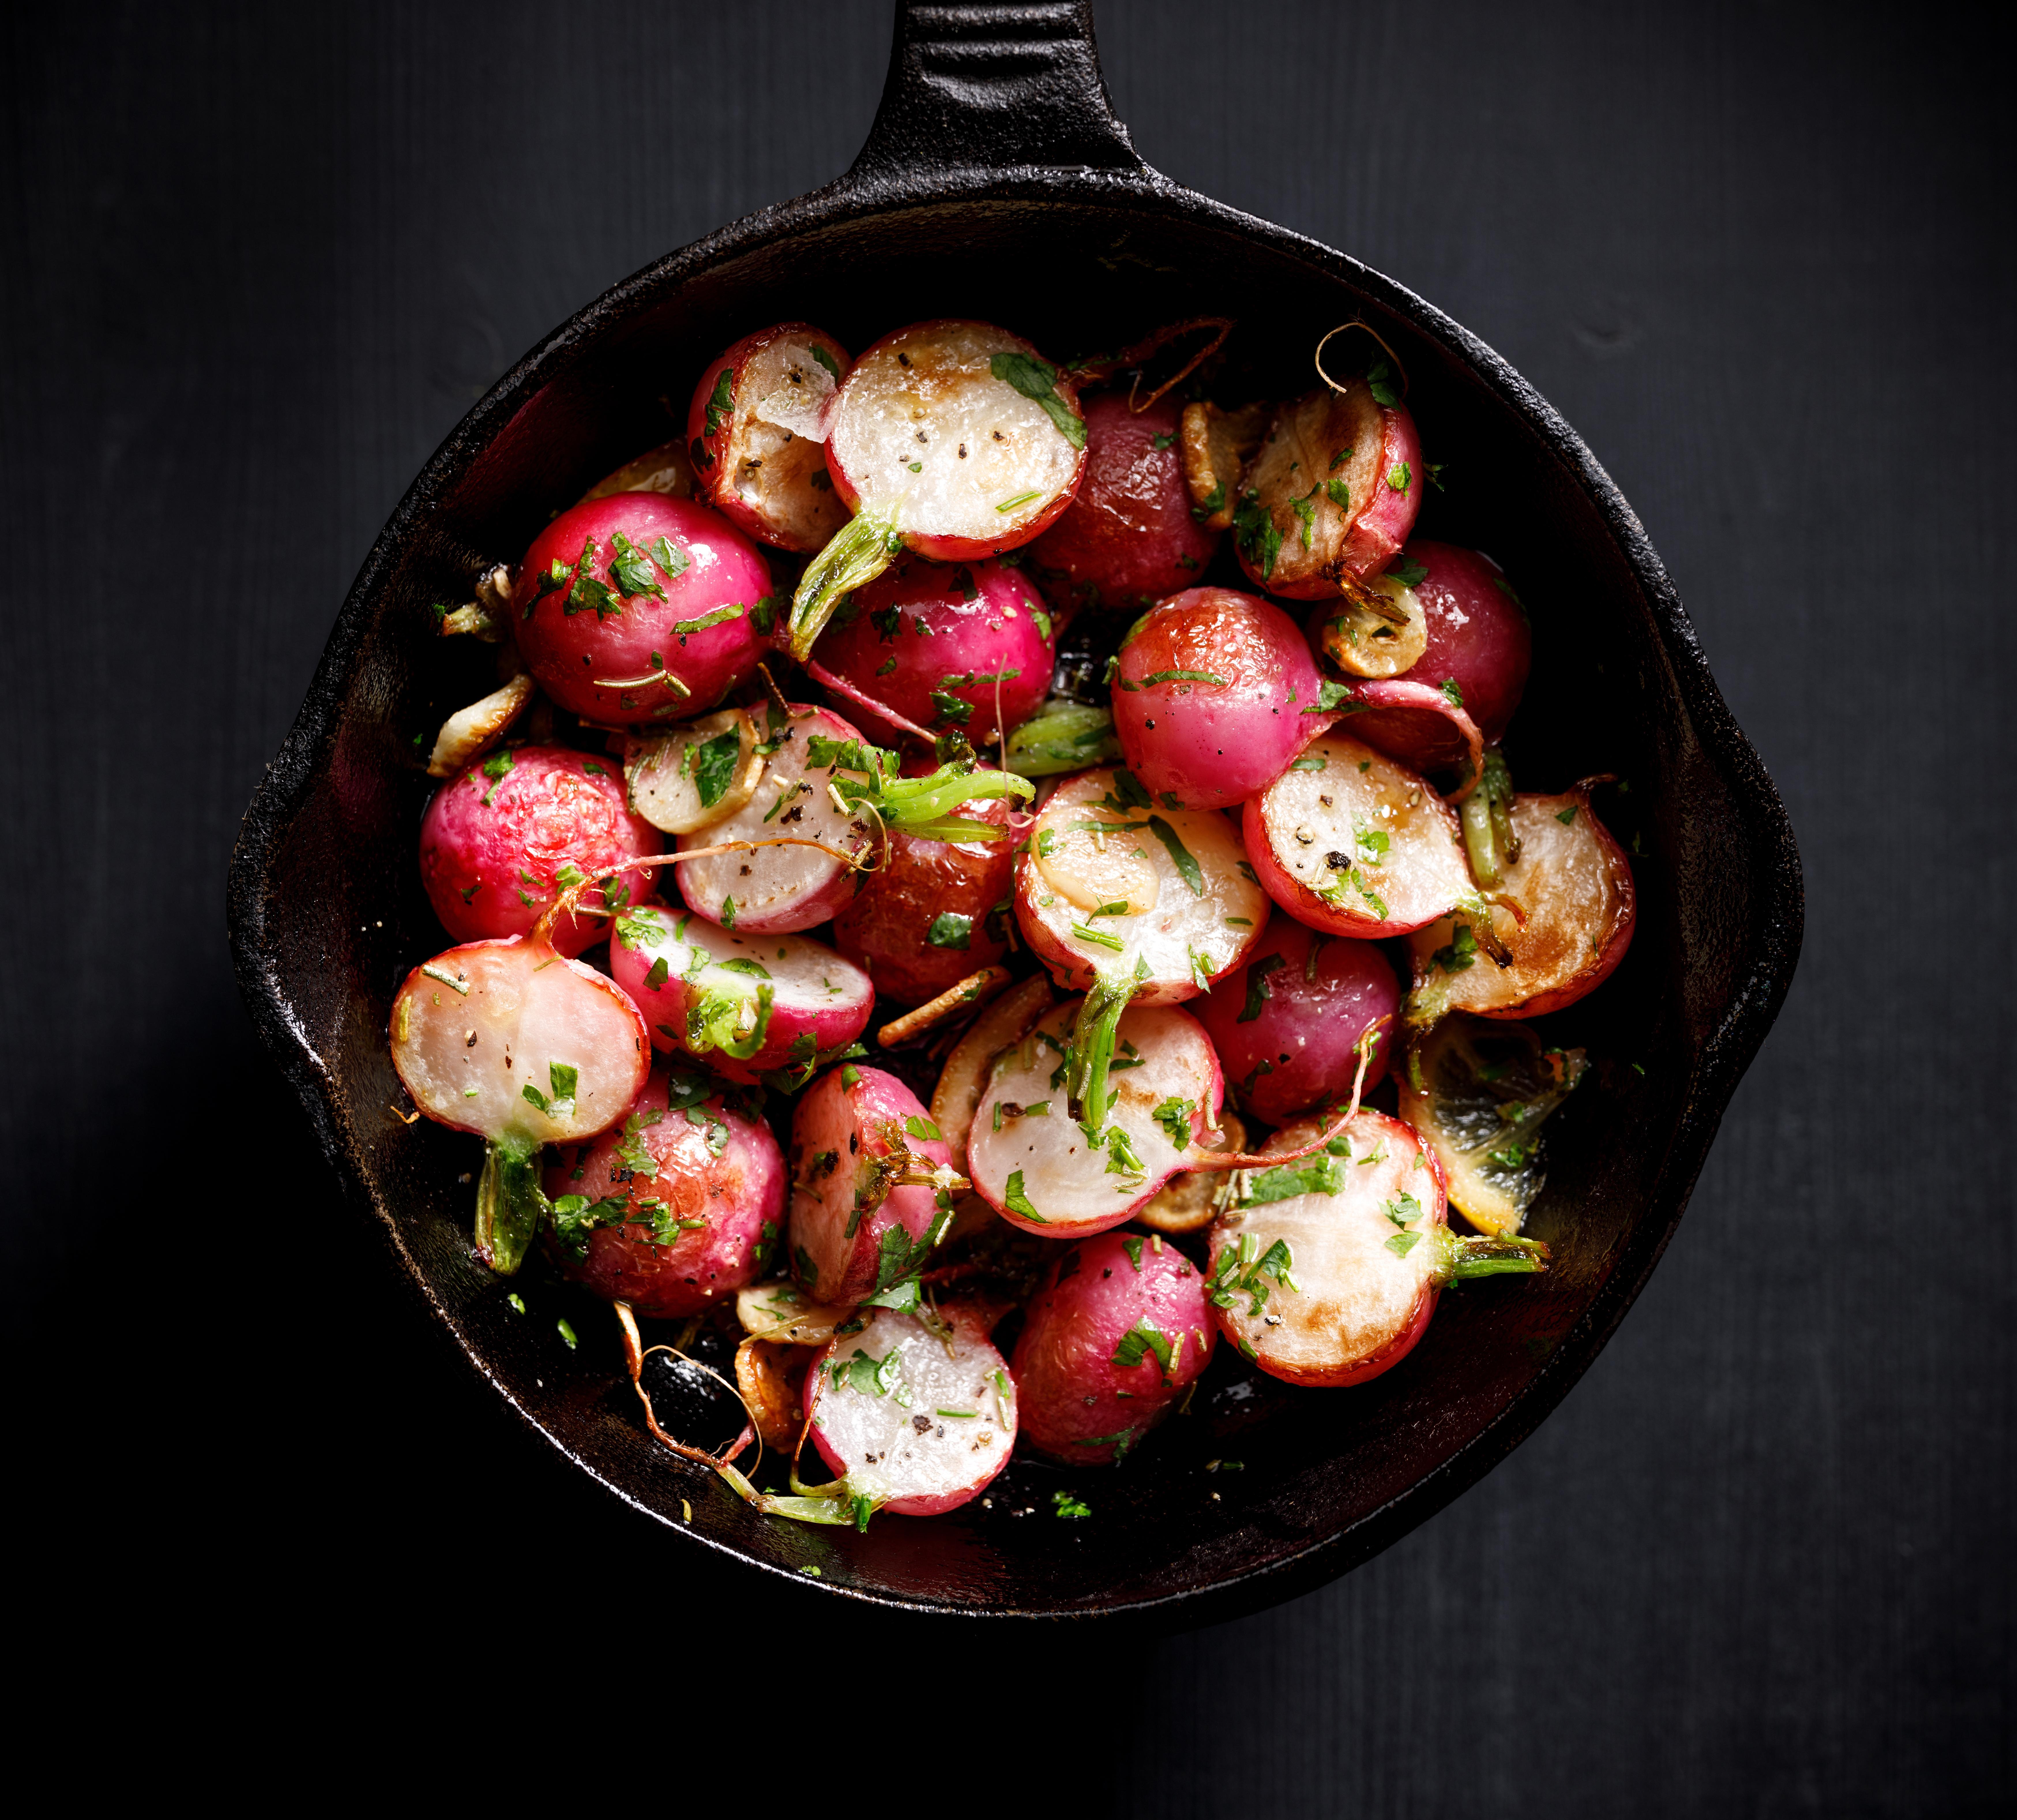 Ricette ravanelli: come cuocerli